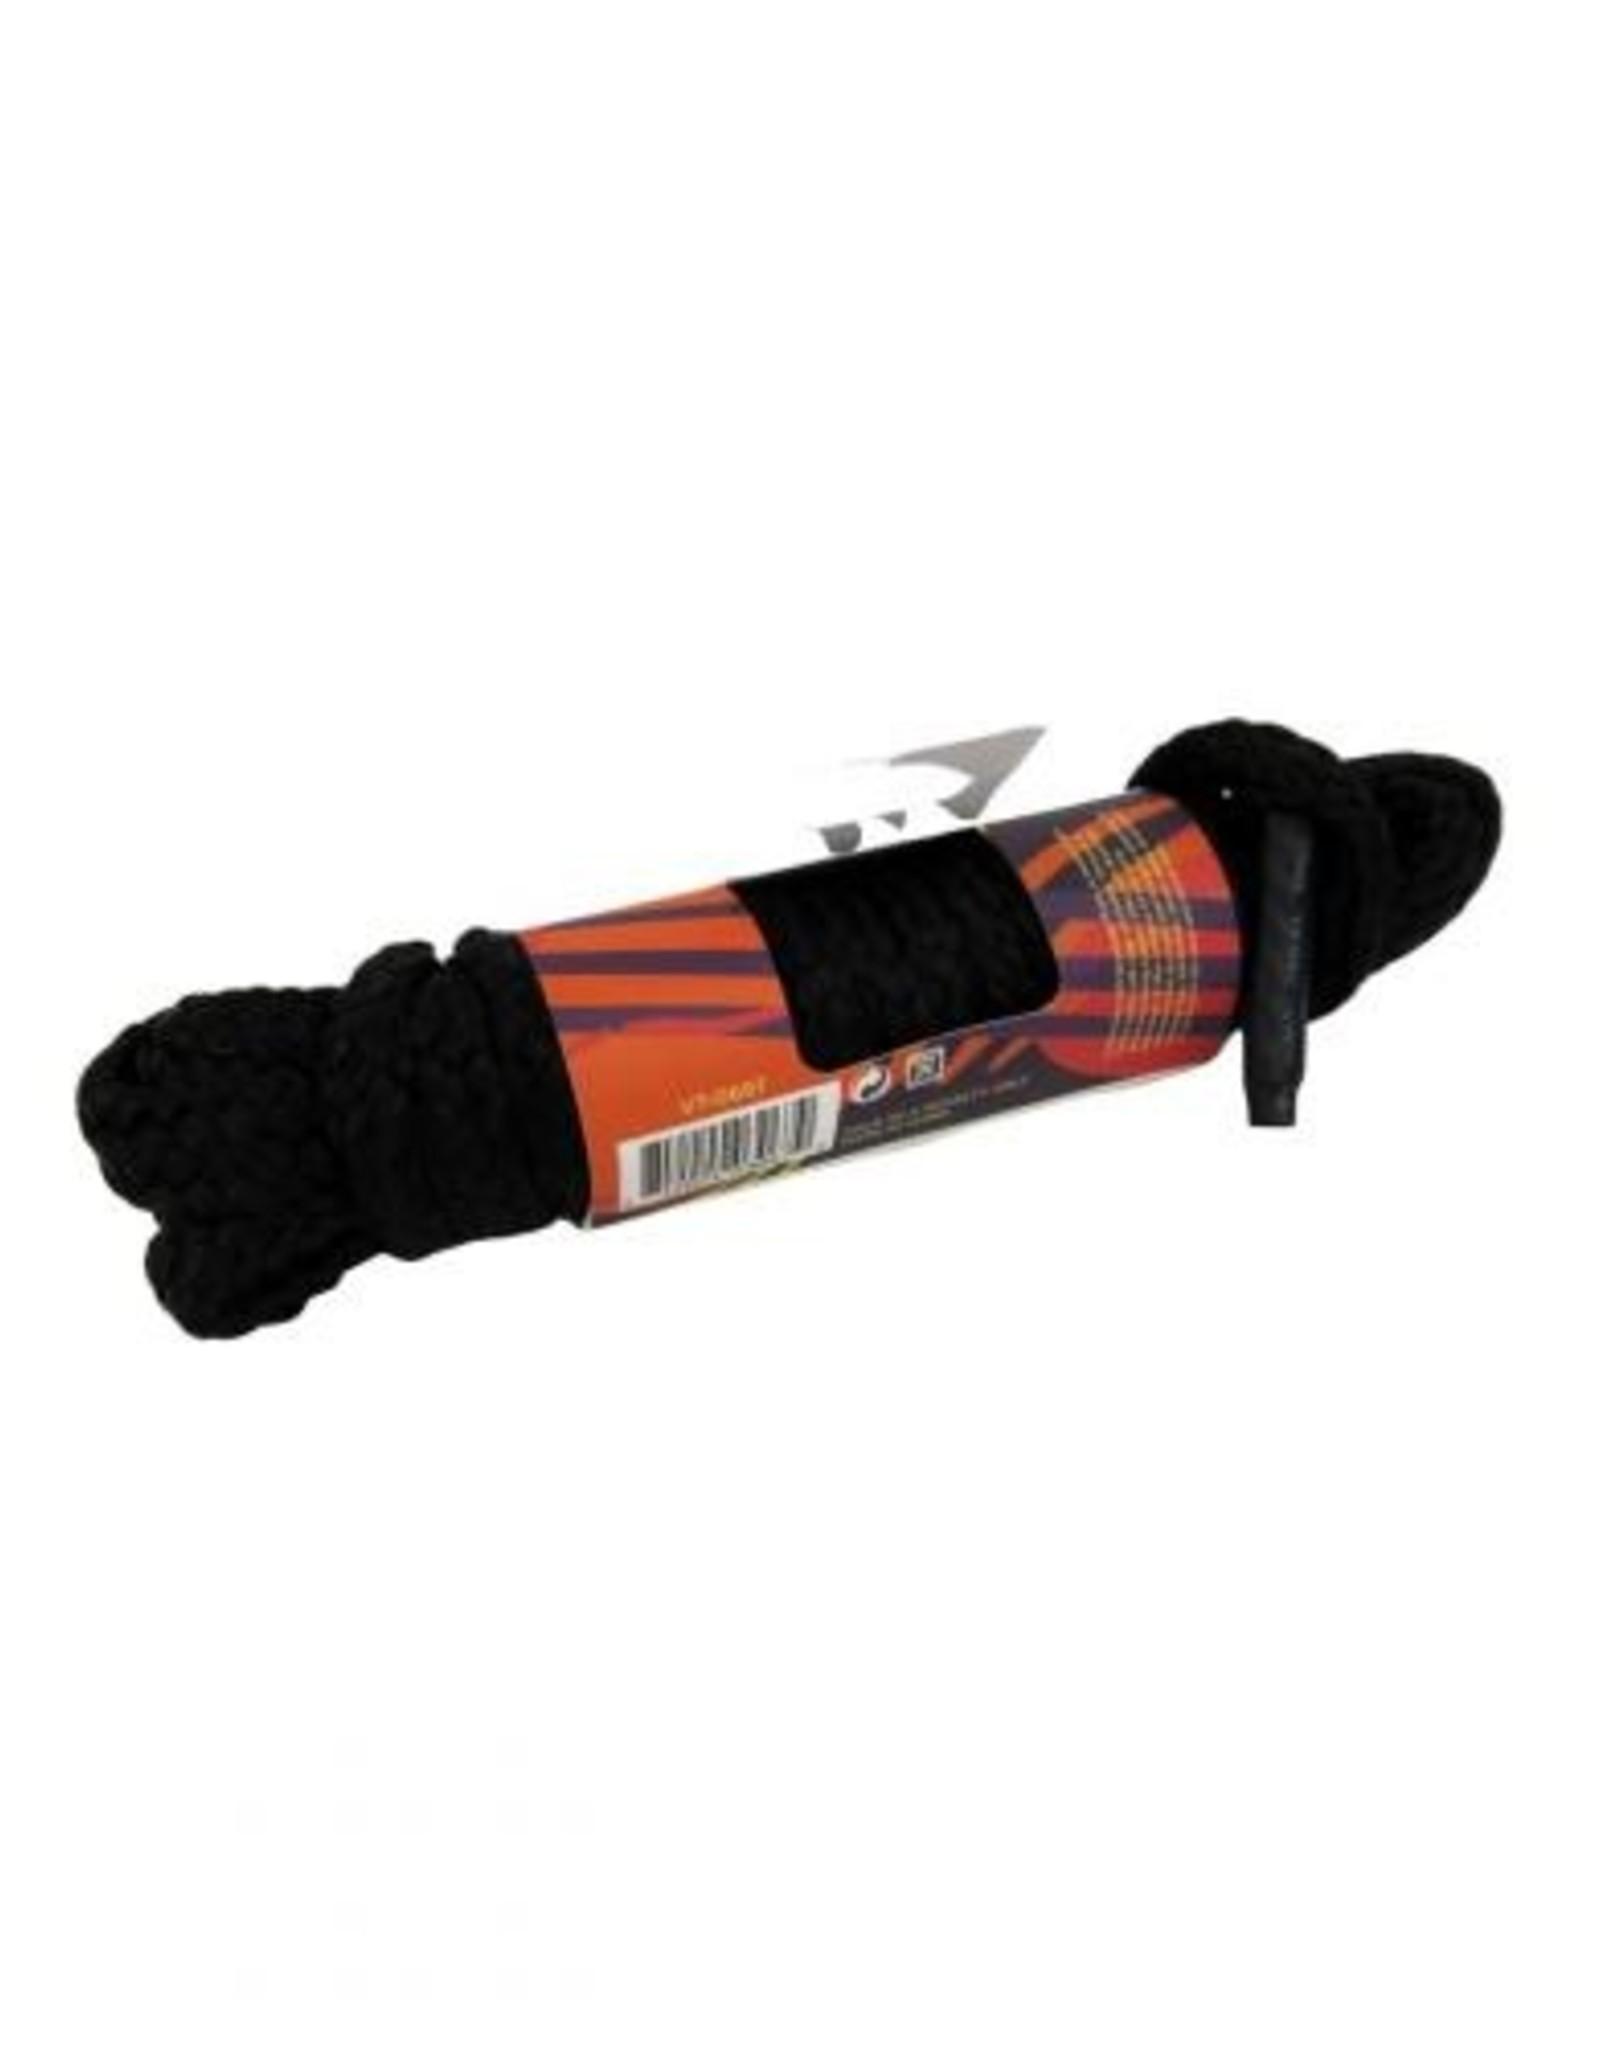 Voodoo Bondage Touw 5 Meter - Zwart